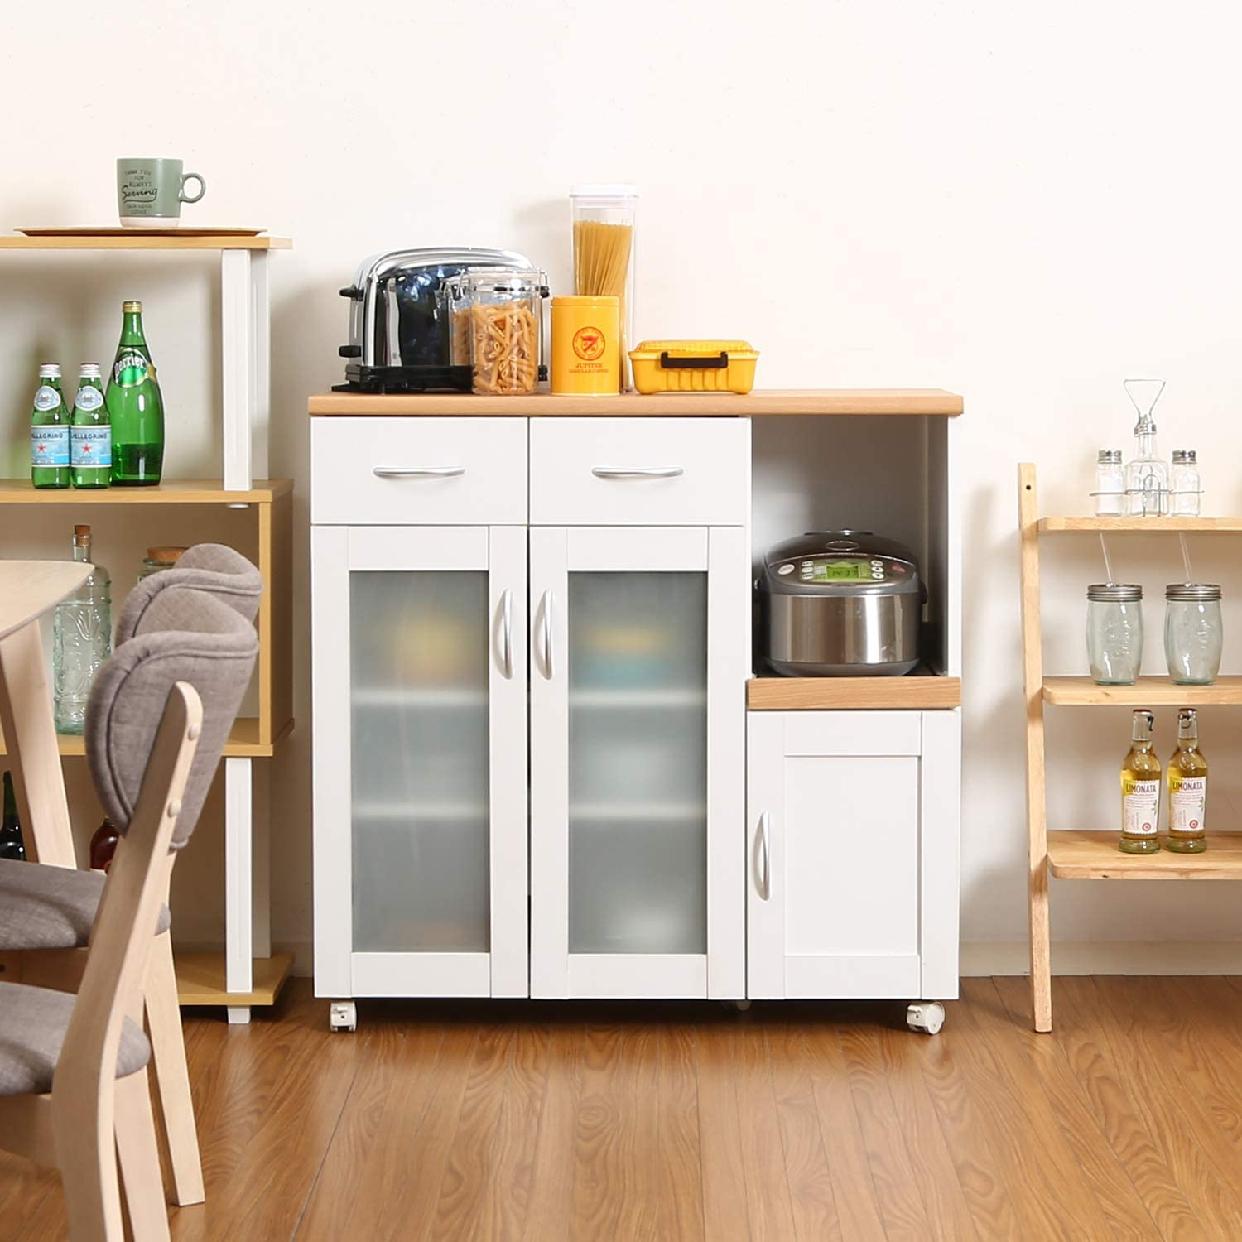 Sage(サージュ)キッチンカウンター 96819 幅90cmの商品画像9